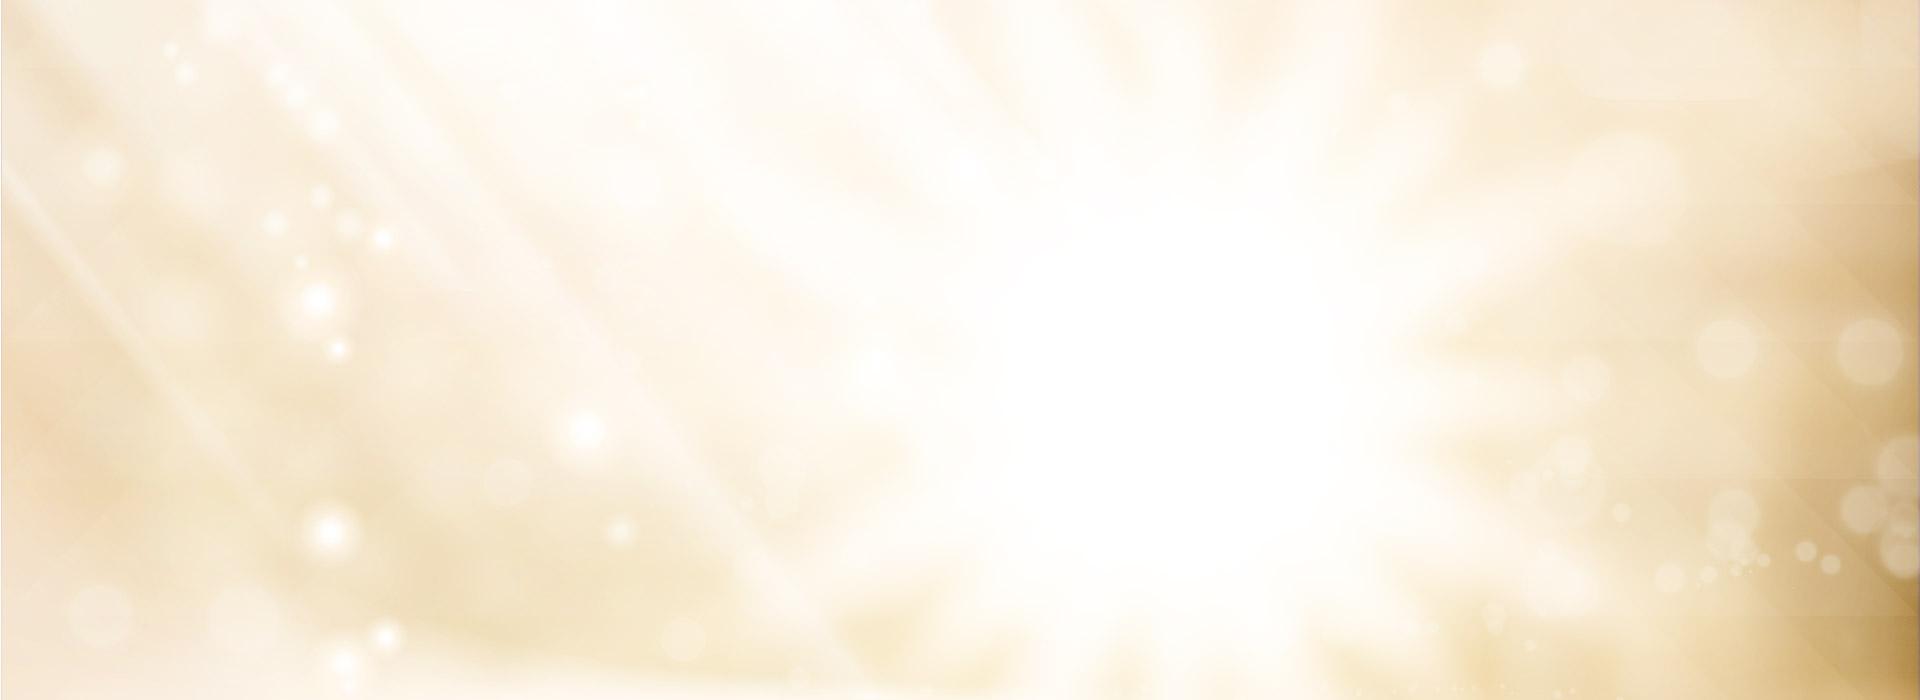 banner-principal-video-25anos1